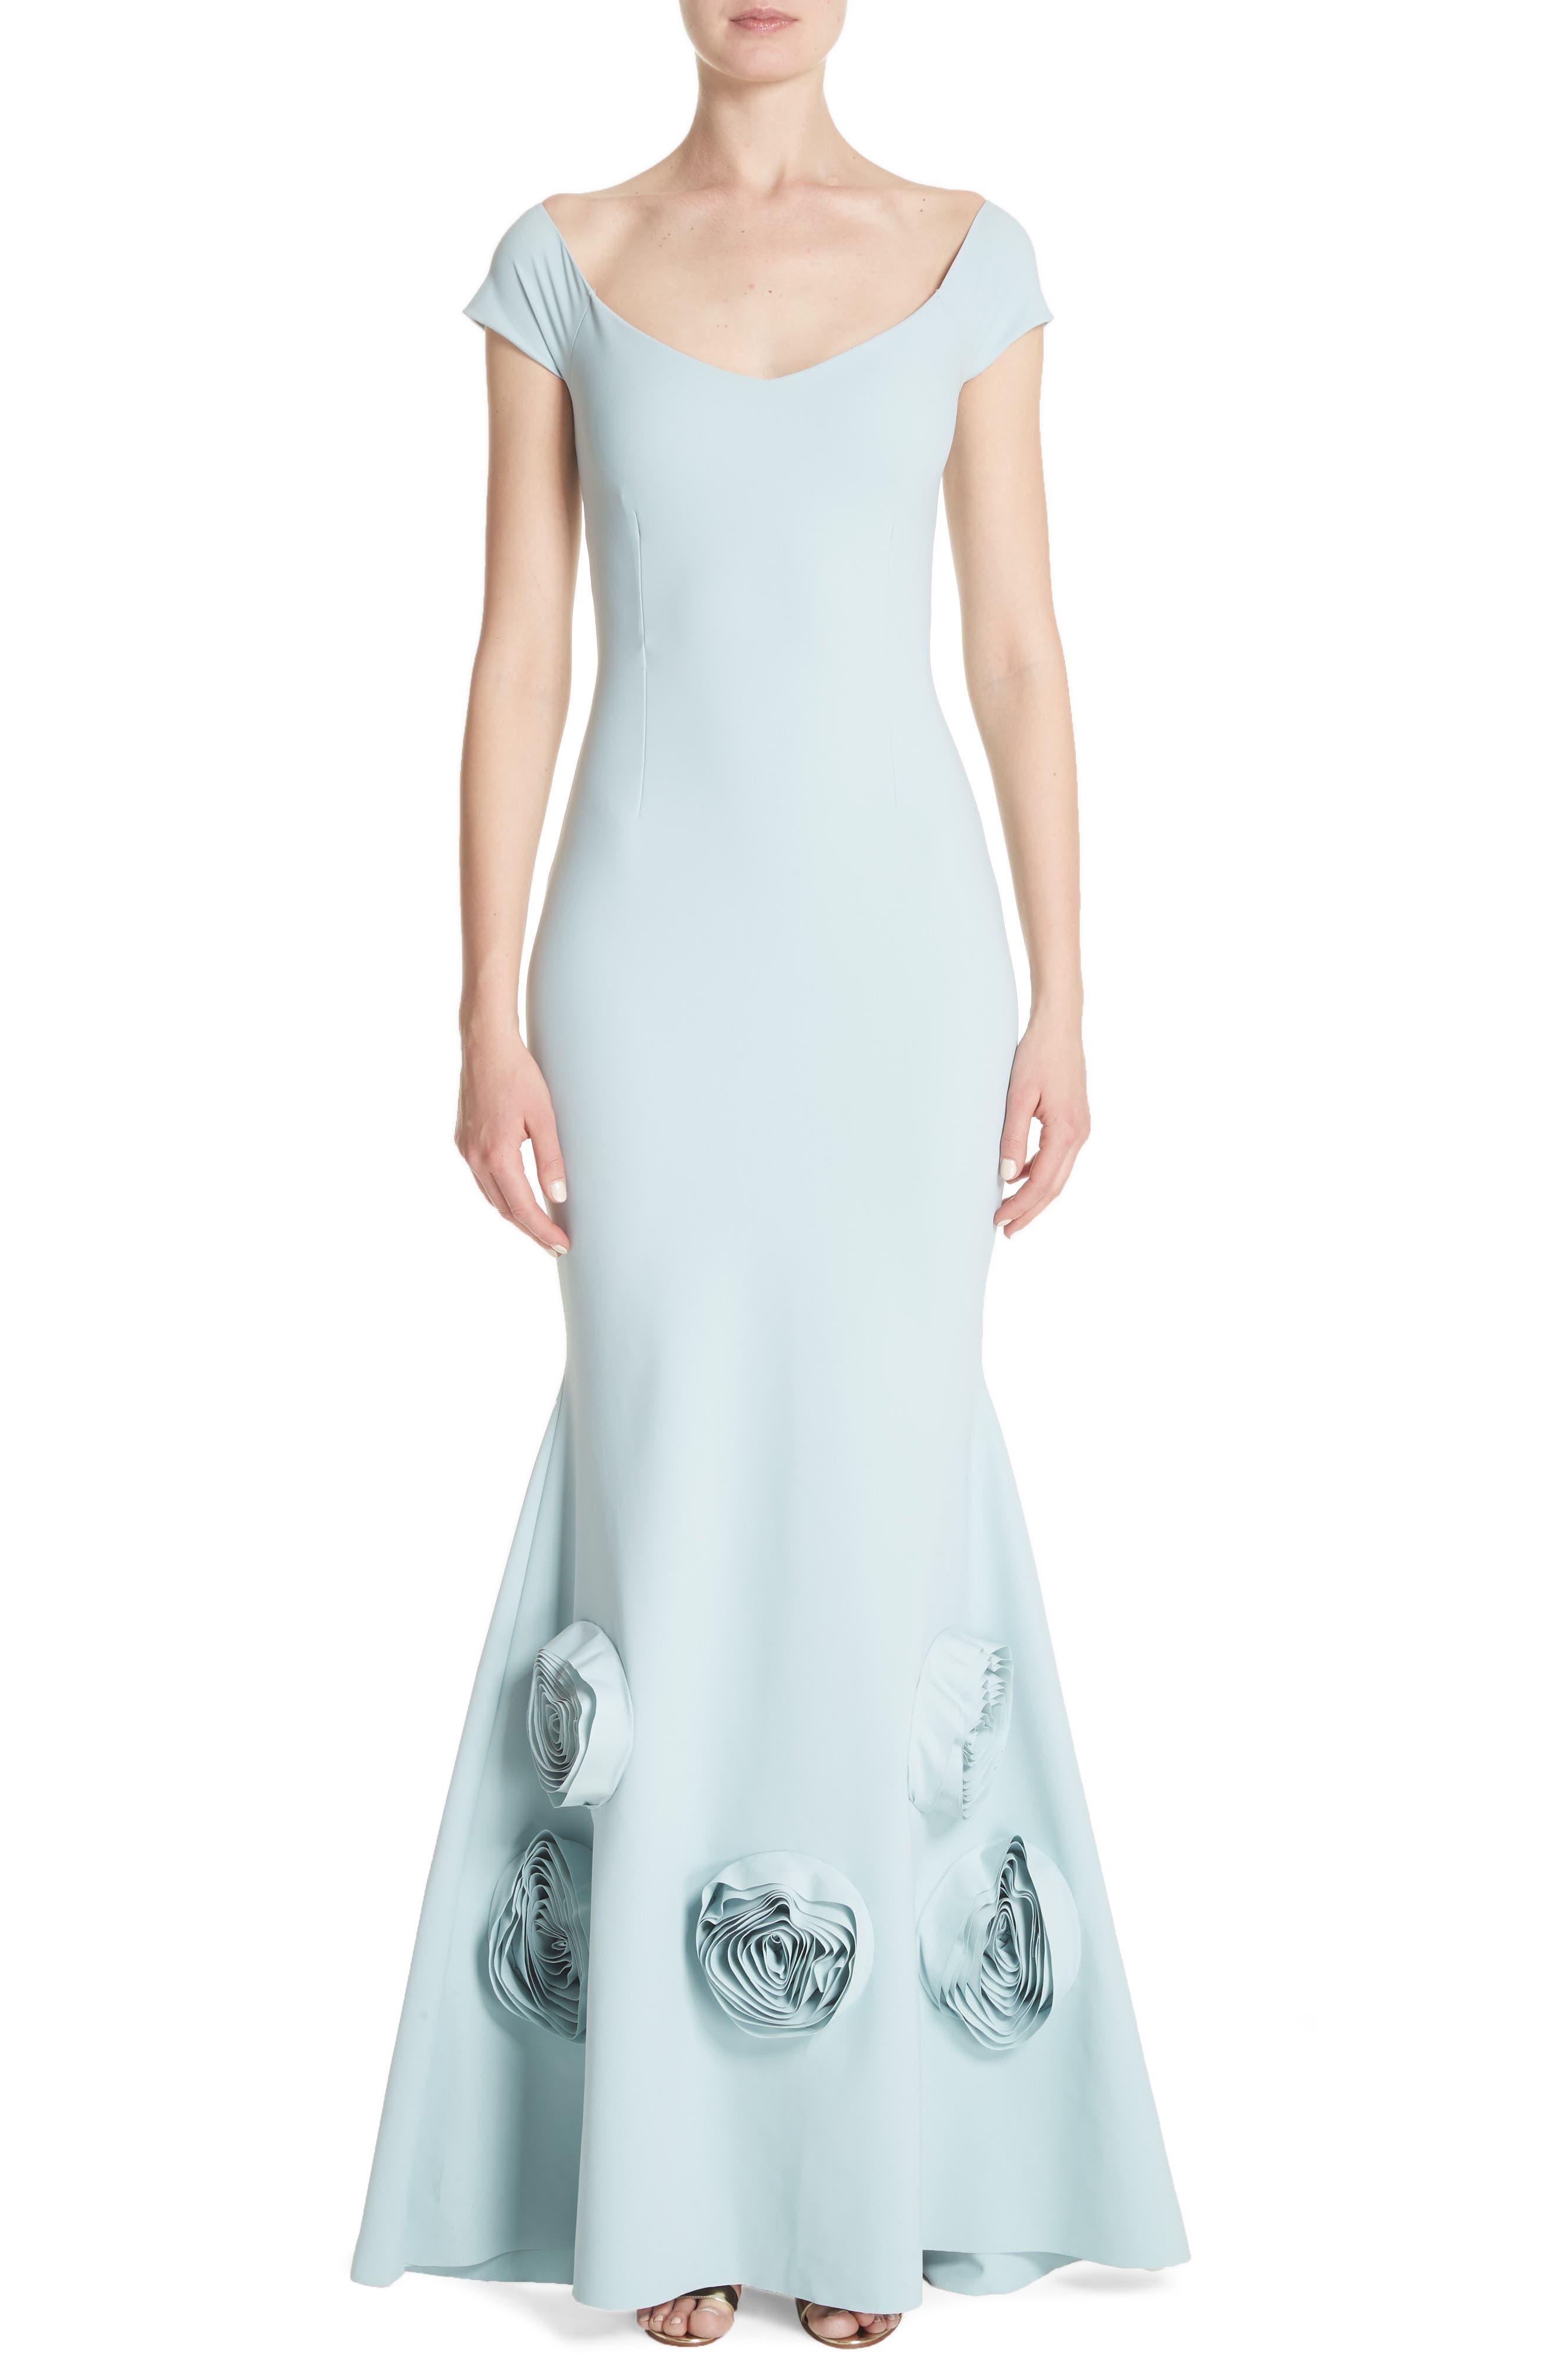 Chiara boni dress aqua color nordstrom